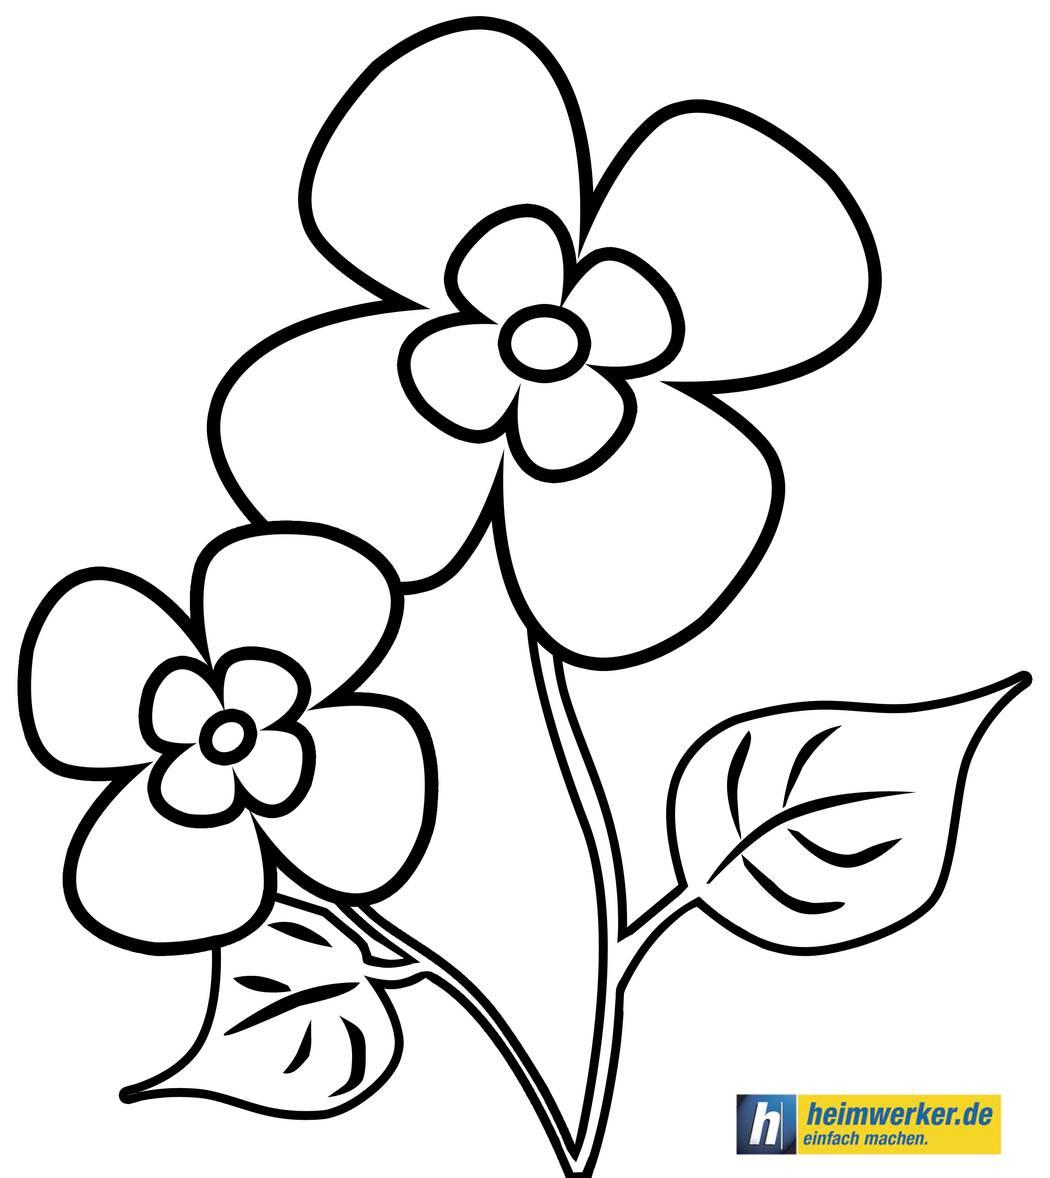 Malvorlagen: Die Schönsten Kostenlosen Ausmalbilder in Blumen Vorlagen Kostenlos Ausdrucken